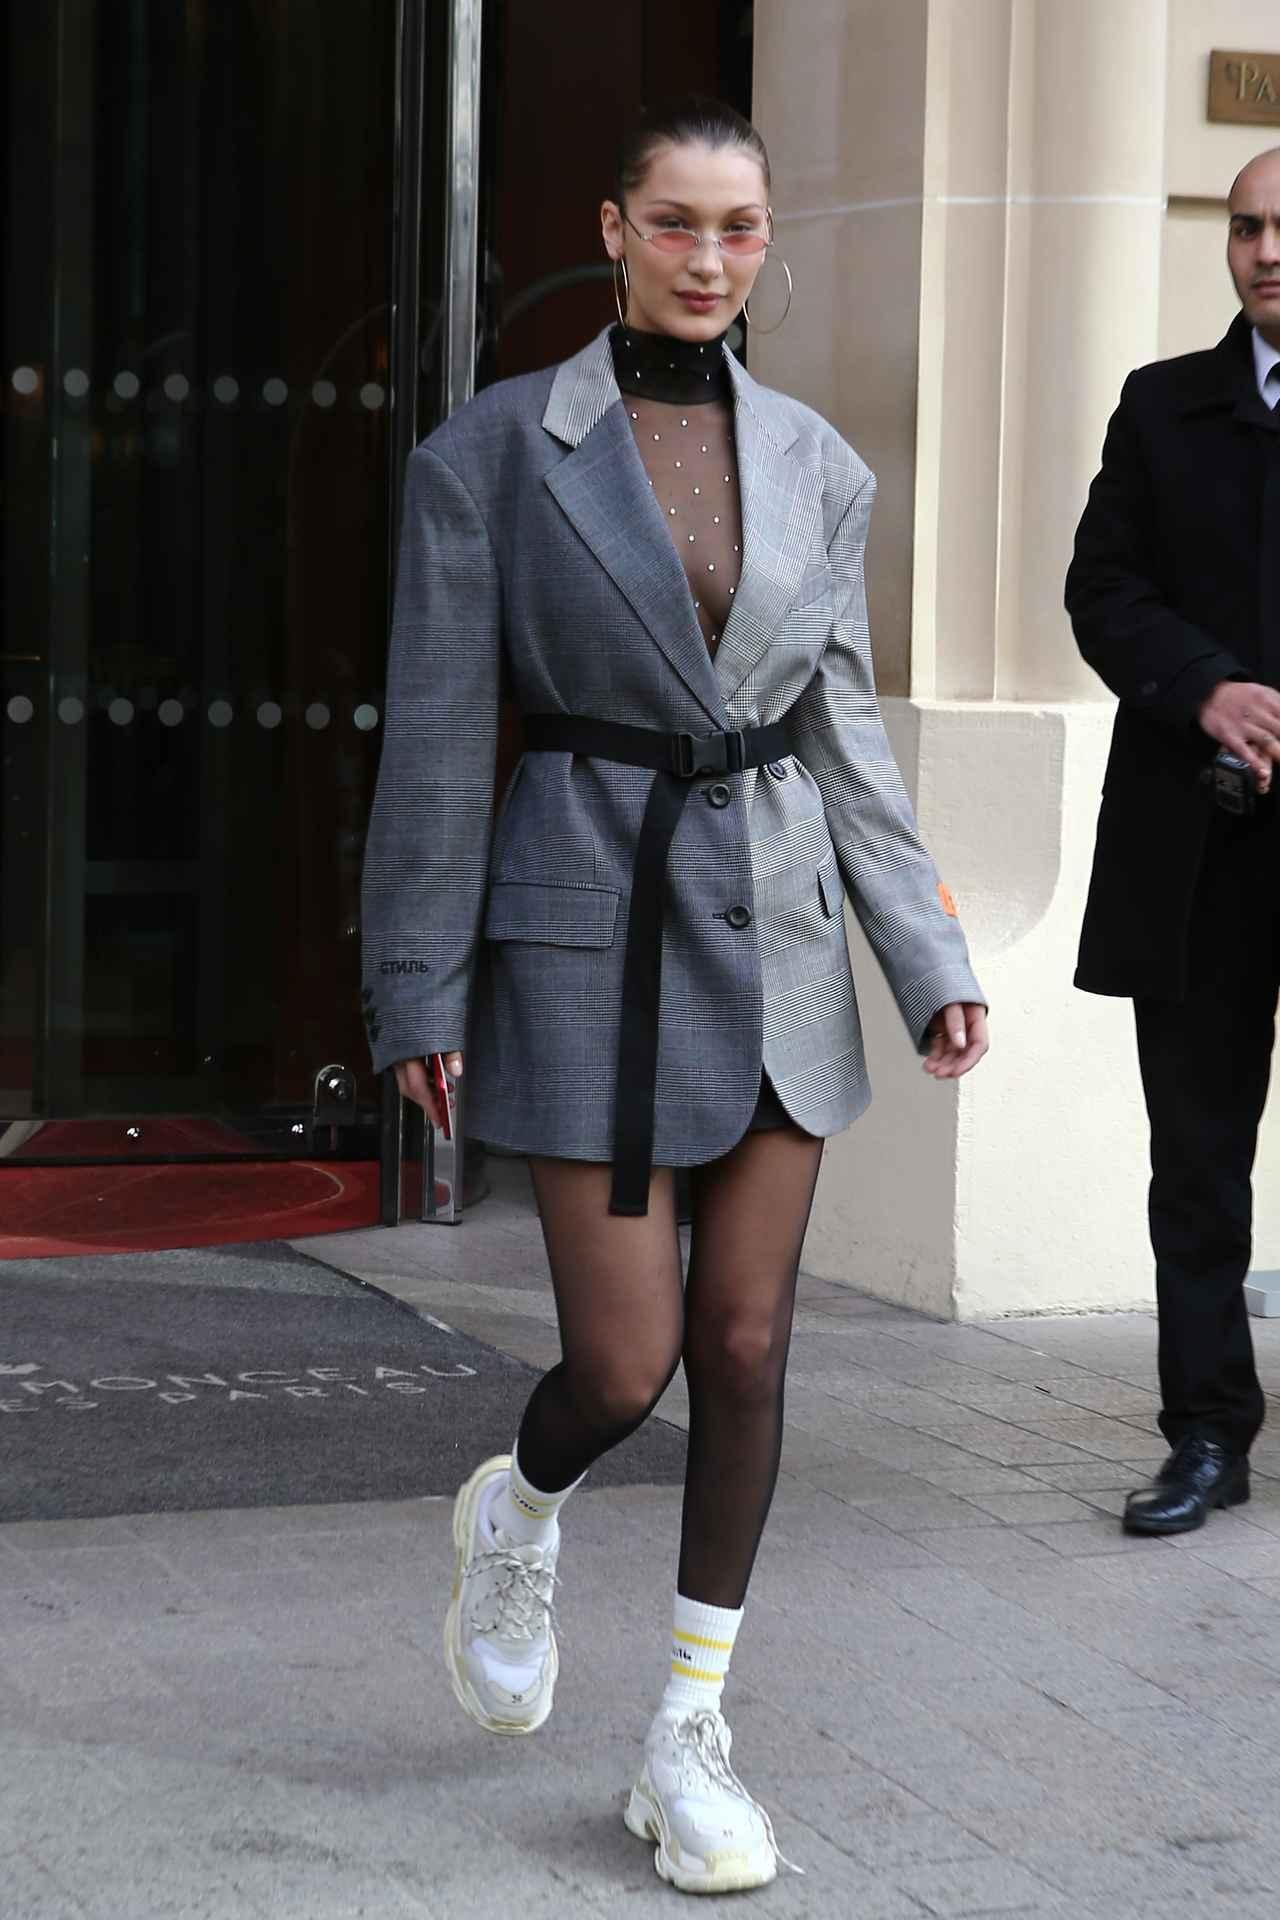 画像1: カリスマモデル、ロングジャケットを1枚でお洒落に着こなし!